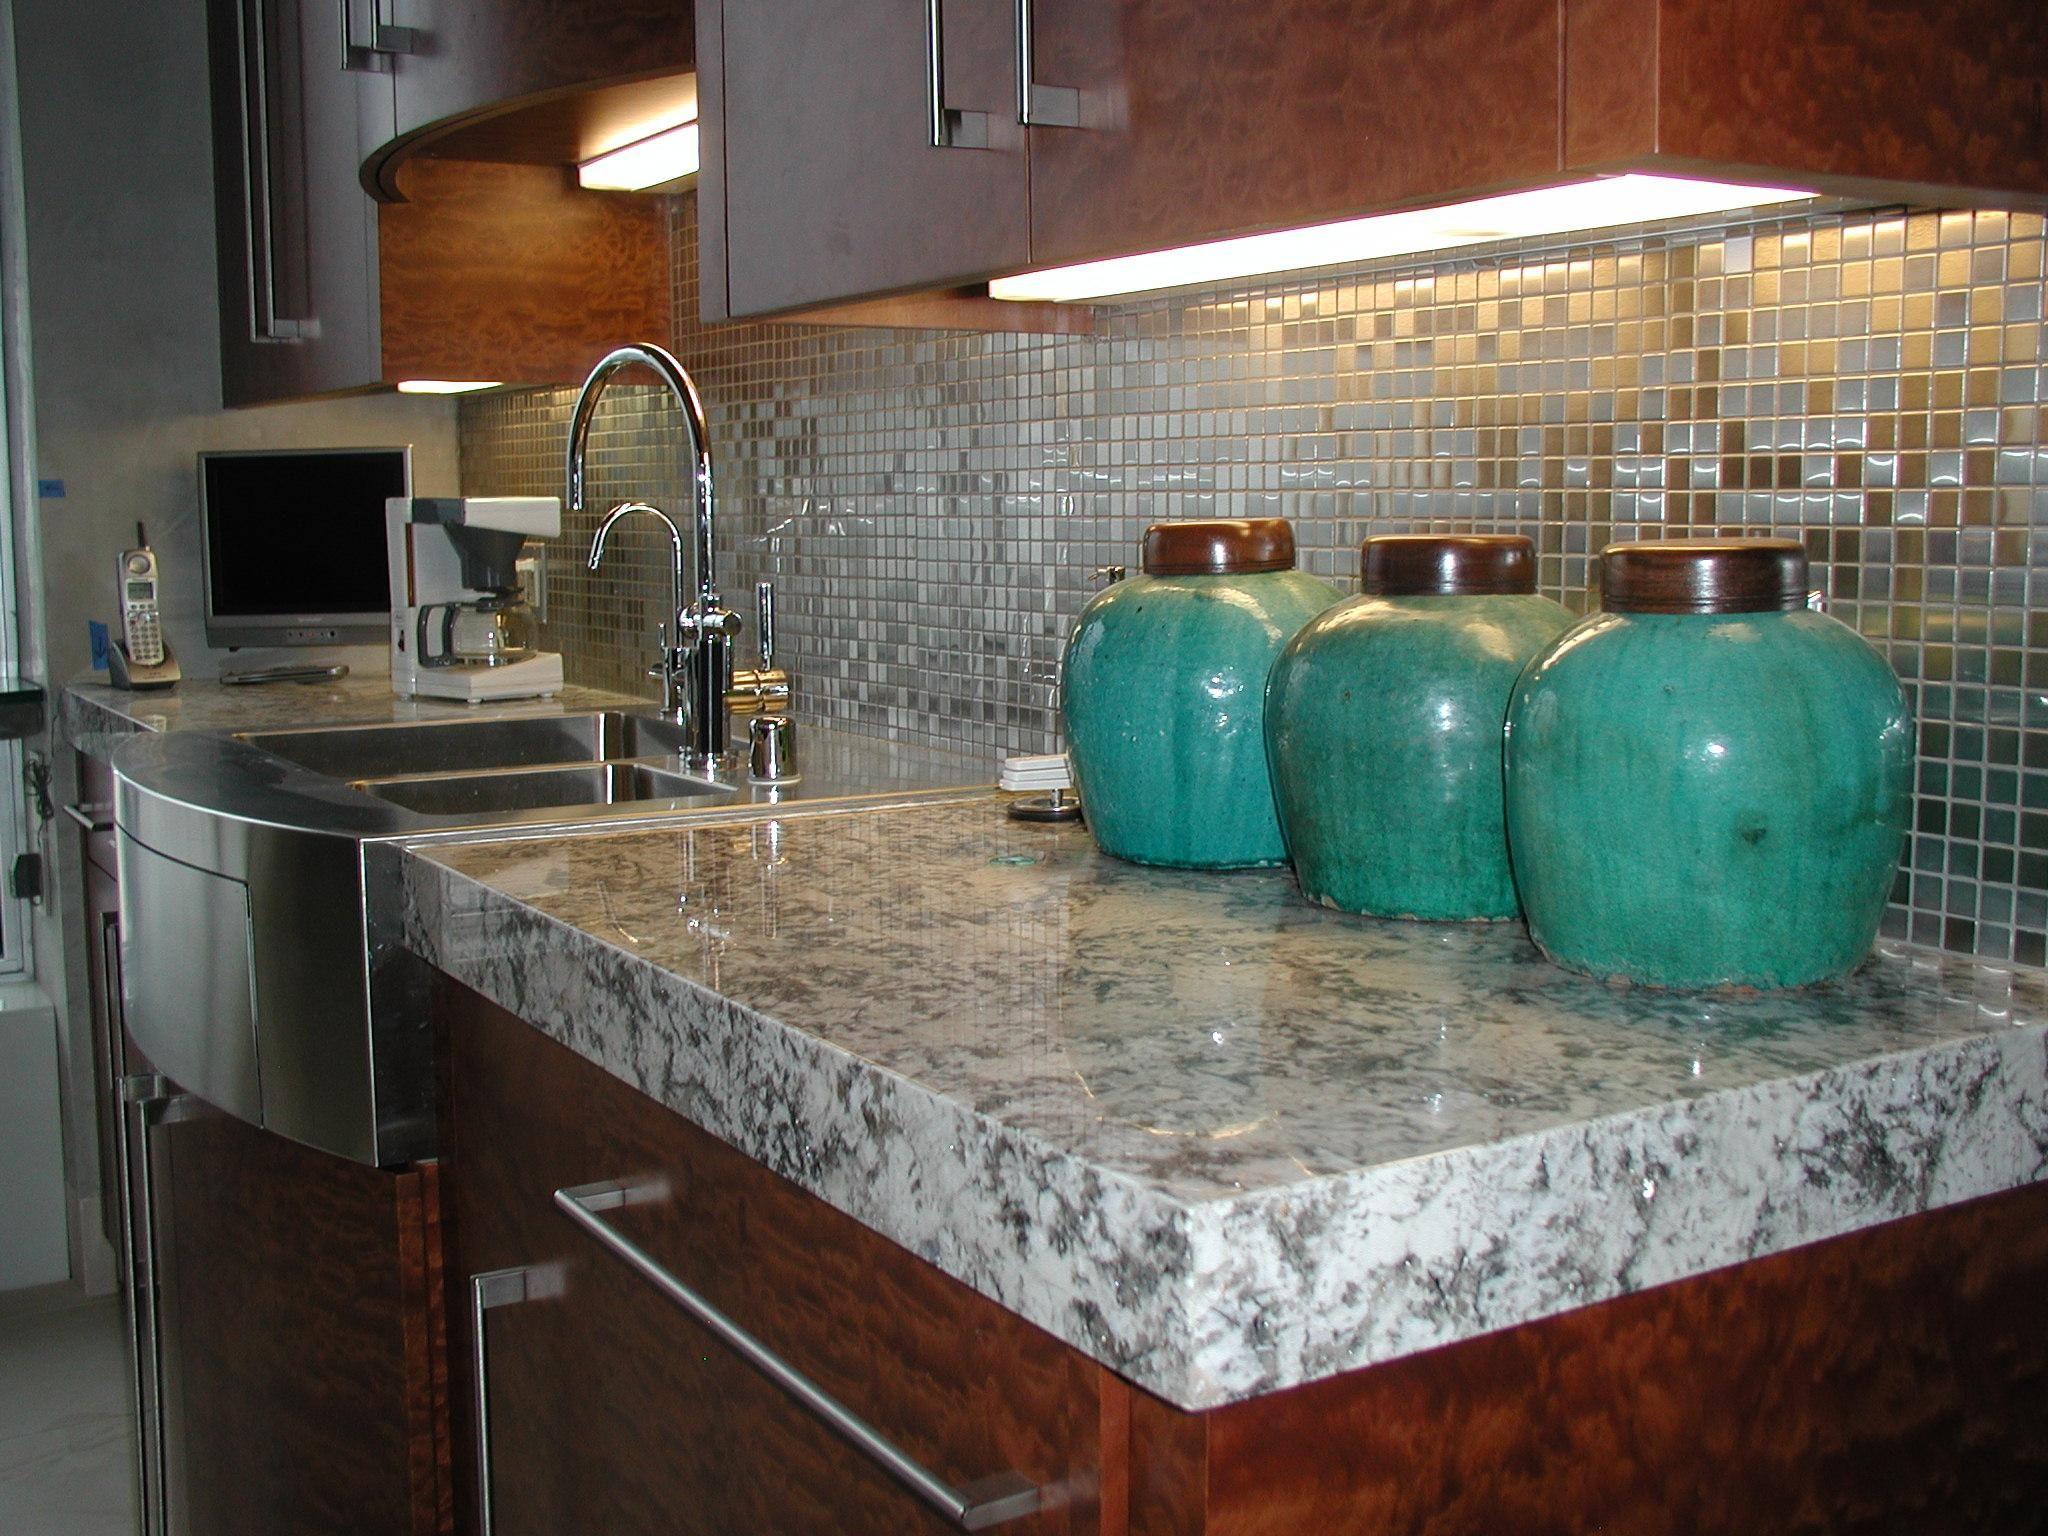 Exceptional Granite Tops | Bianco Antico Granite Countertops (4089), Bianco Antico,  Oakland .